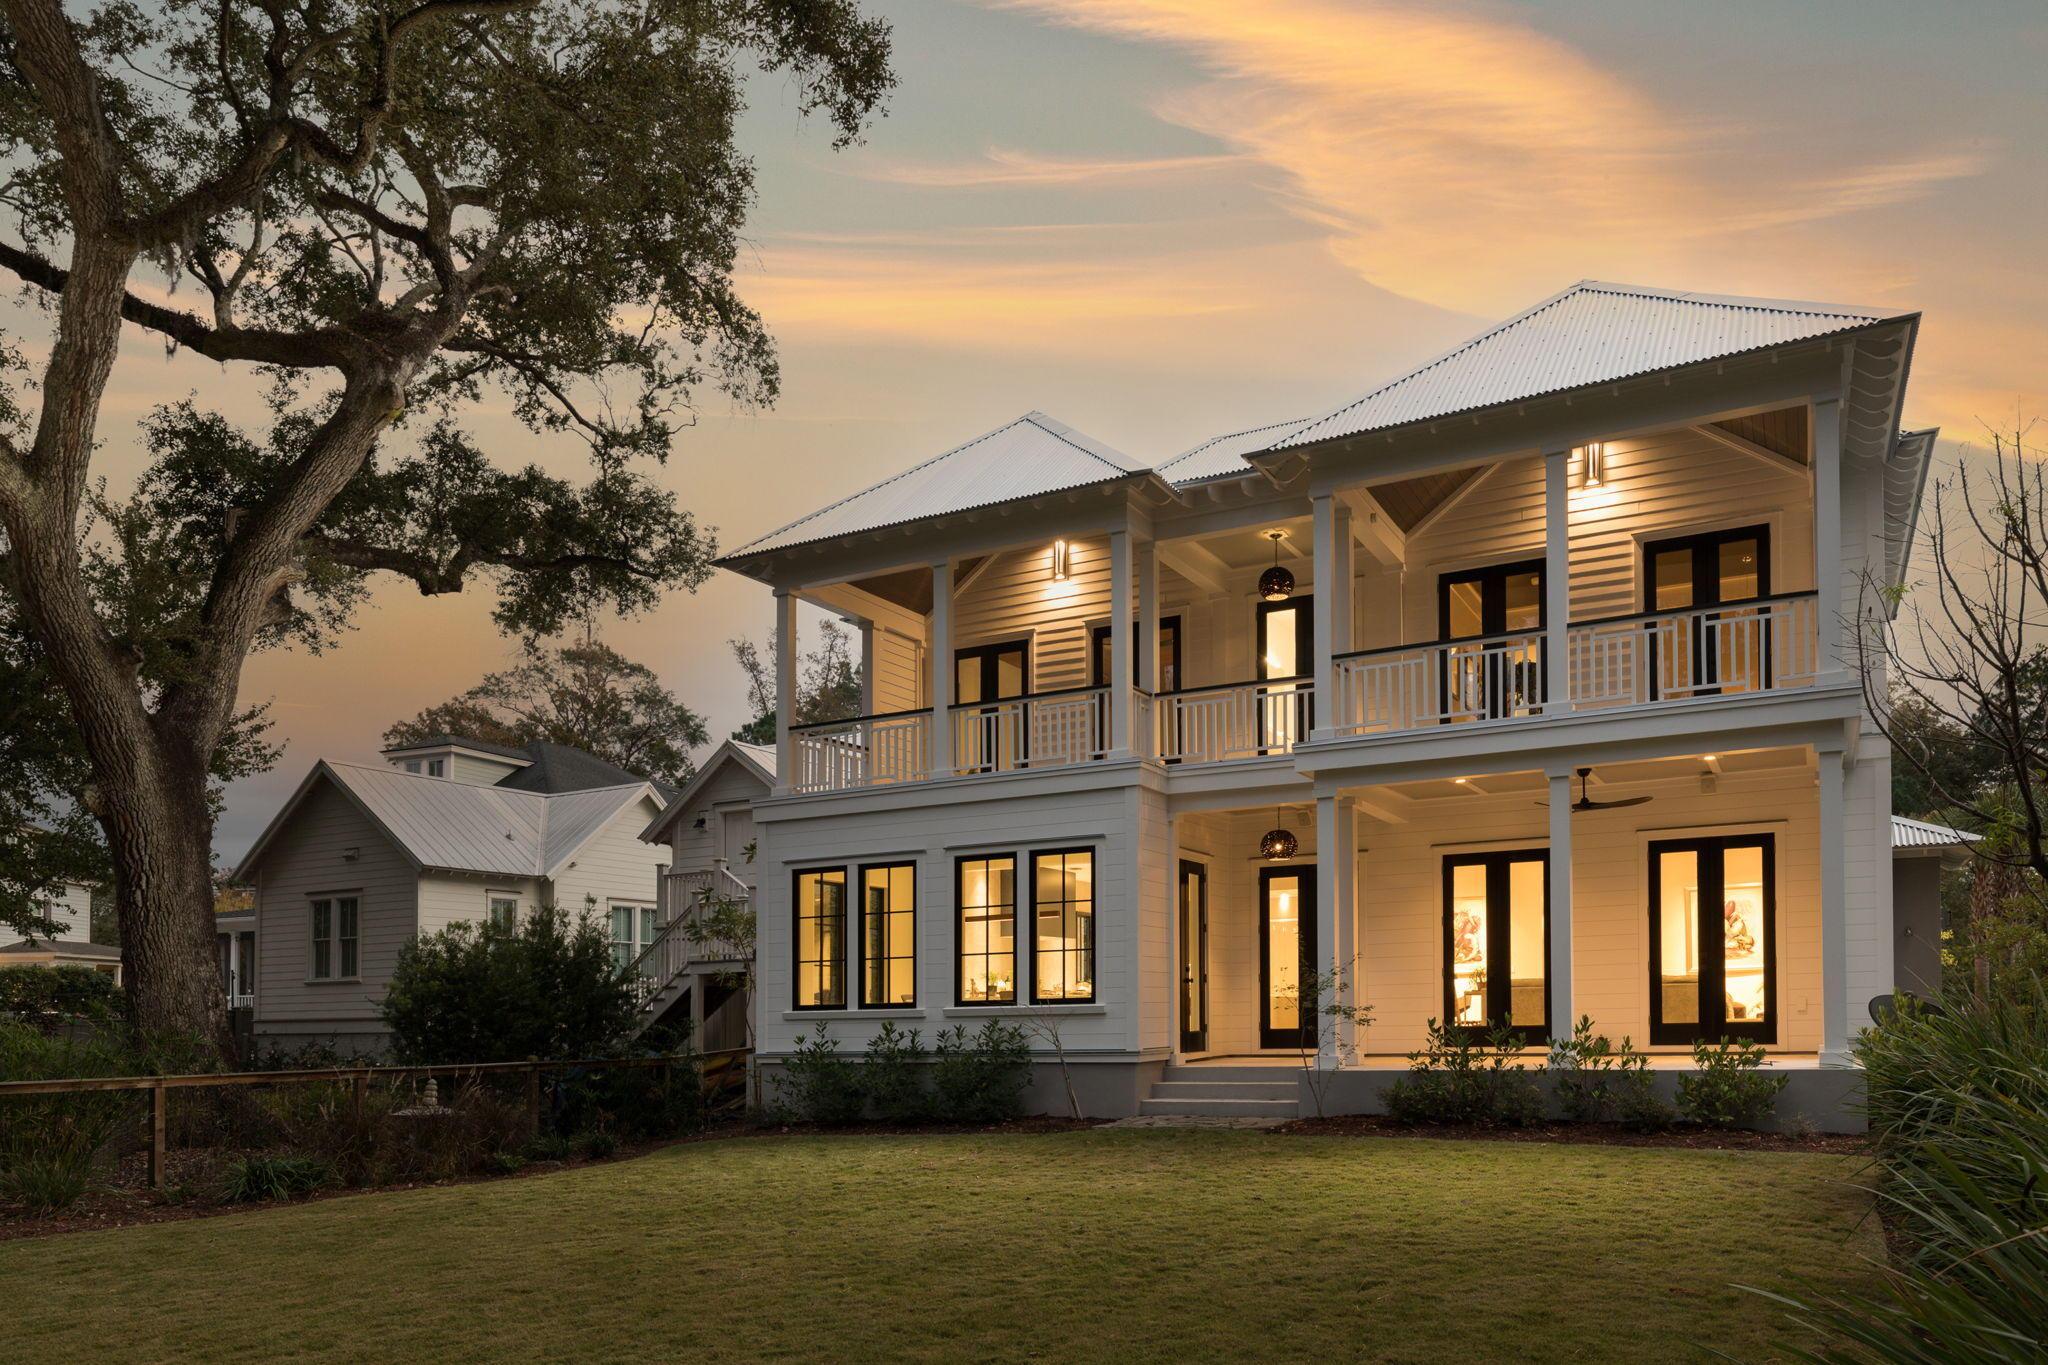 Belle Hall Homes For Sale - 341 Bridgetown Pass, Mount Pleasant, SC - 52